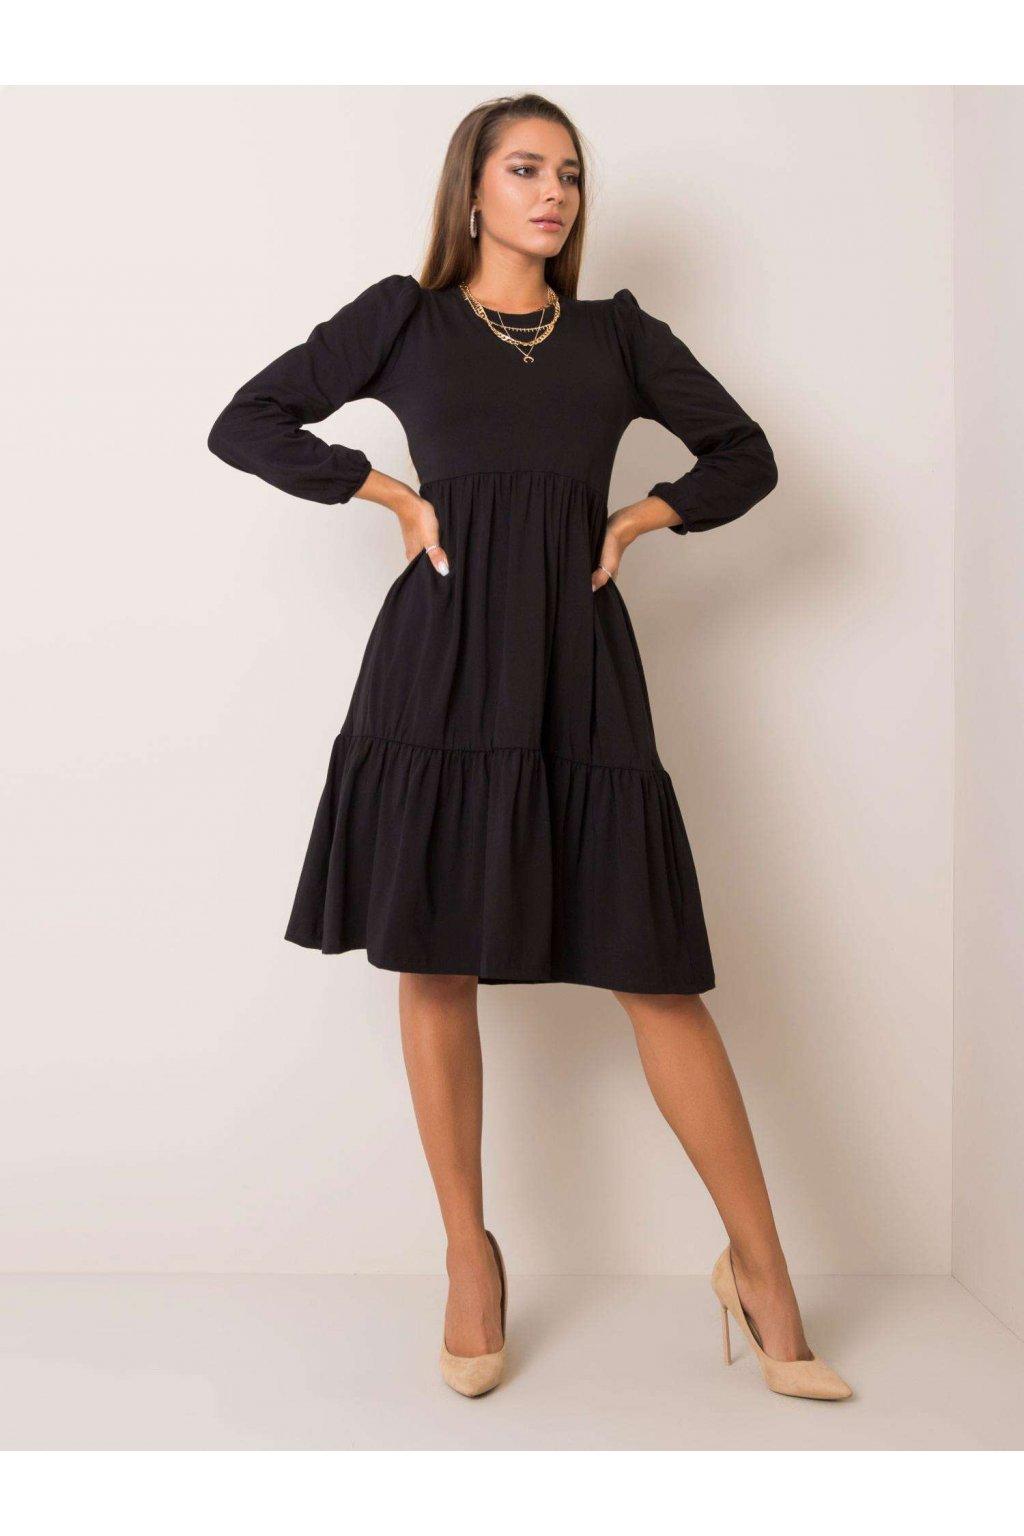 pol pl Czarna sukienka Yonne RUE PARIS 354173 2